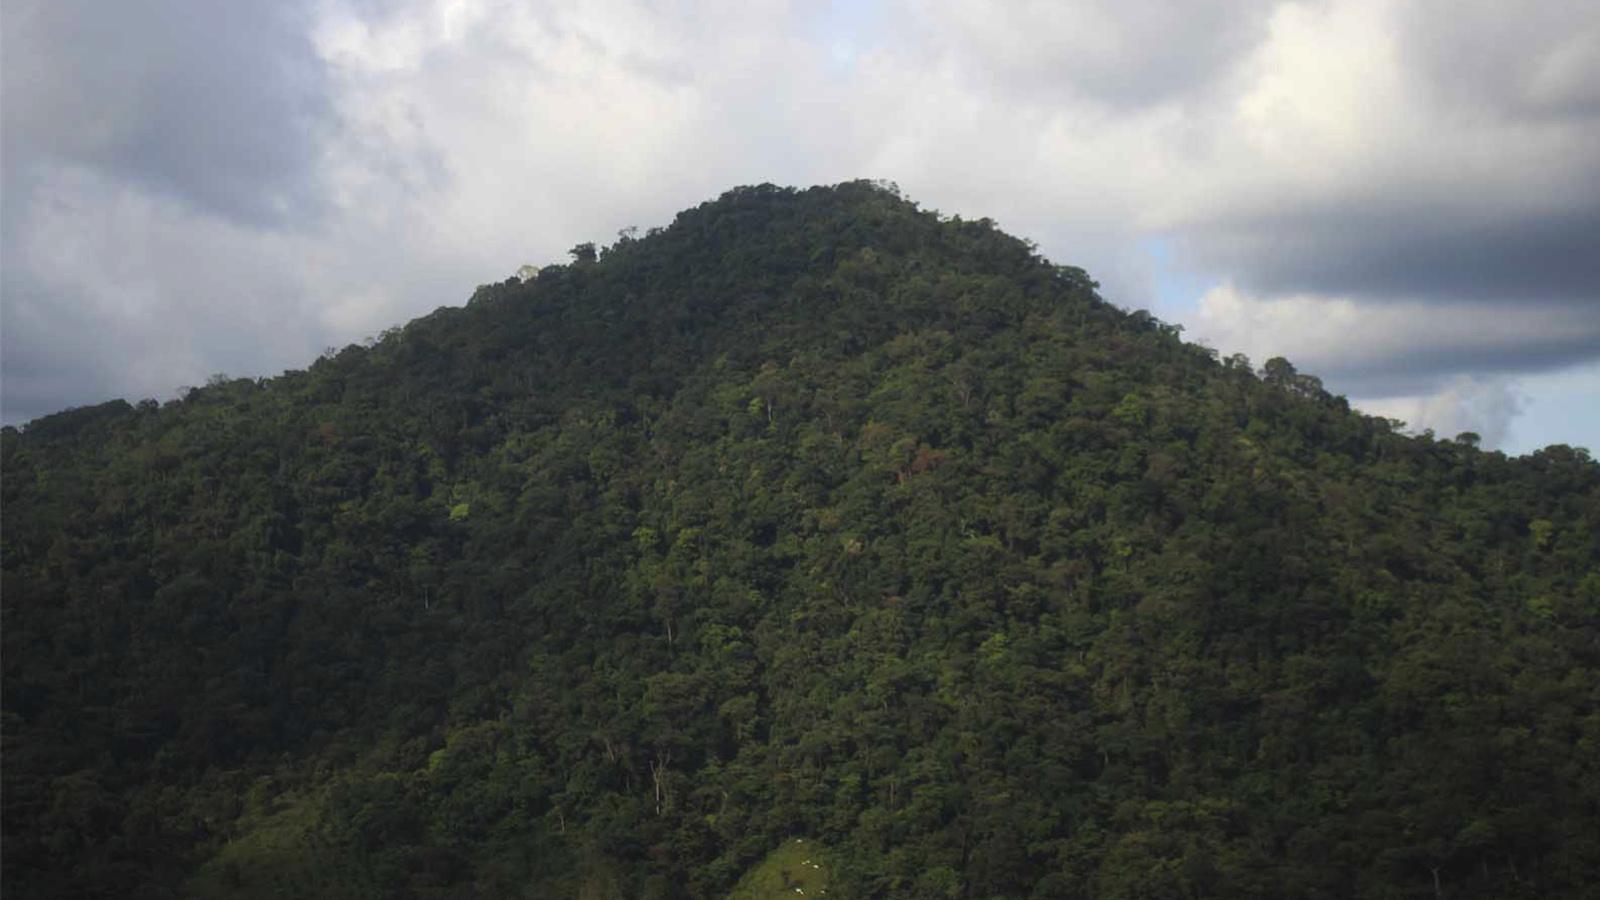 Petróleo y deforestación, las amenazas que enfrenta La Macarena